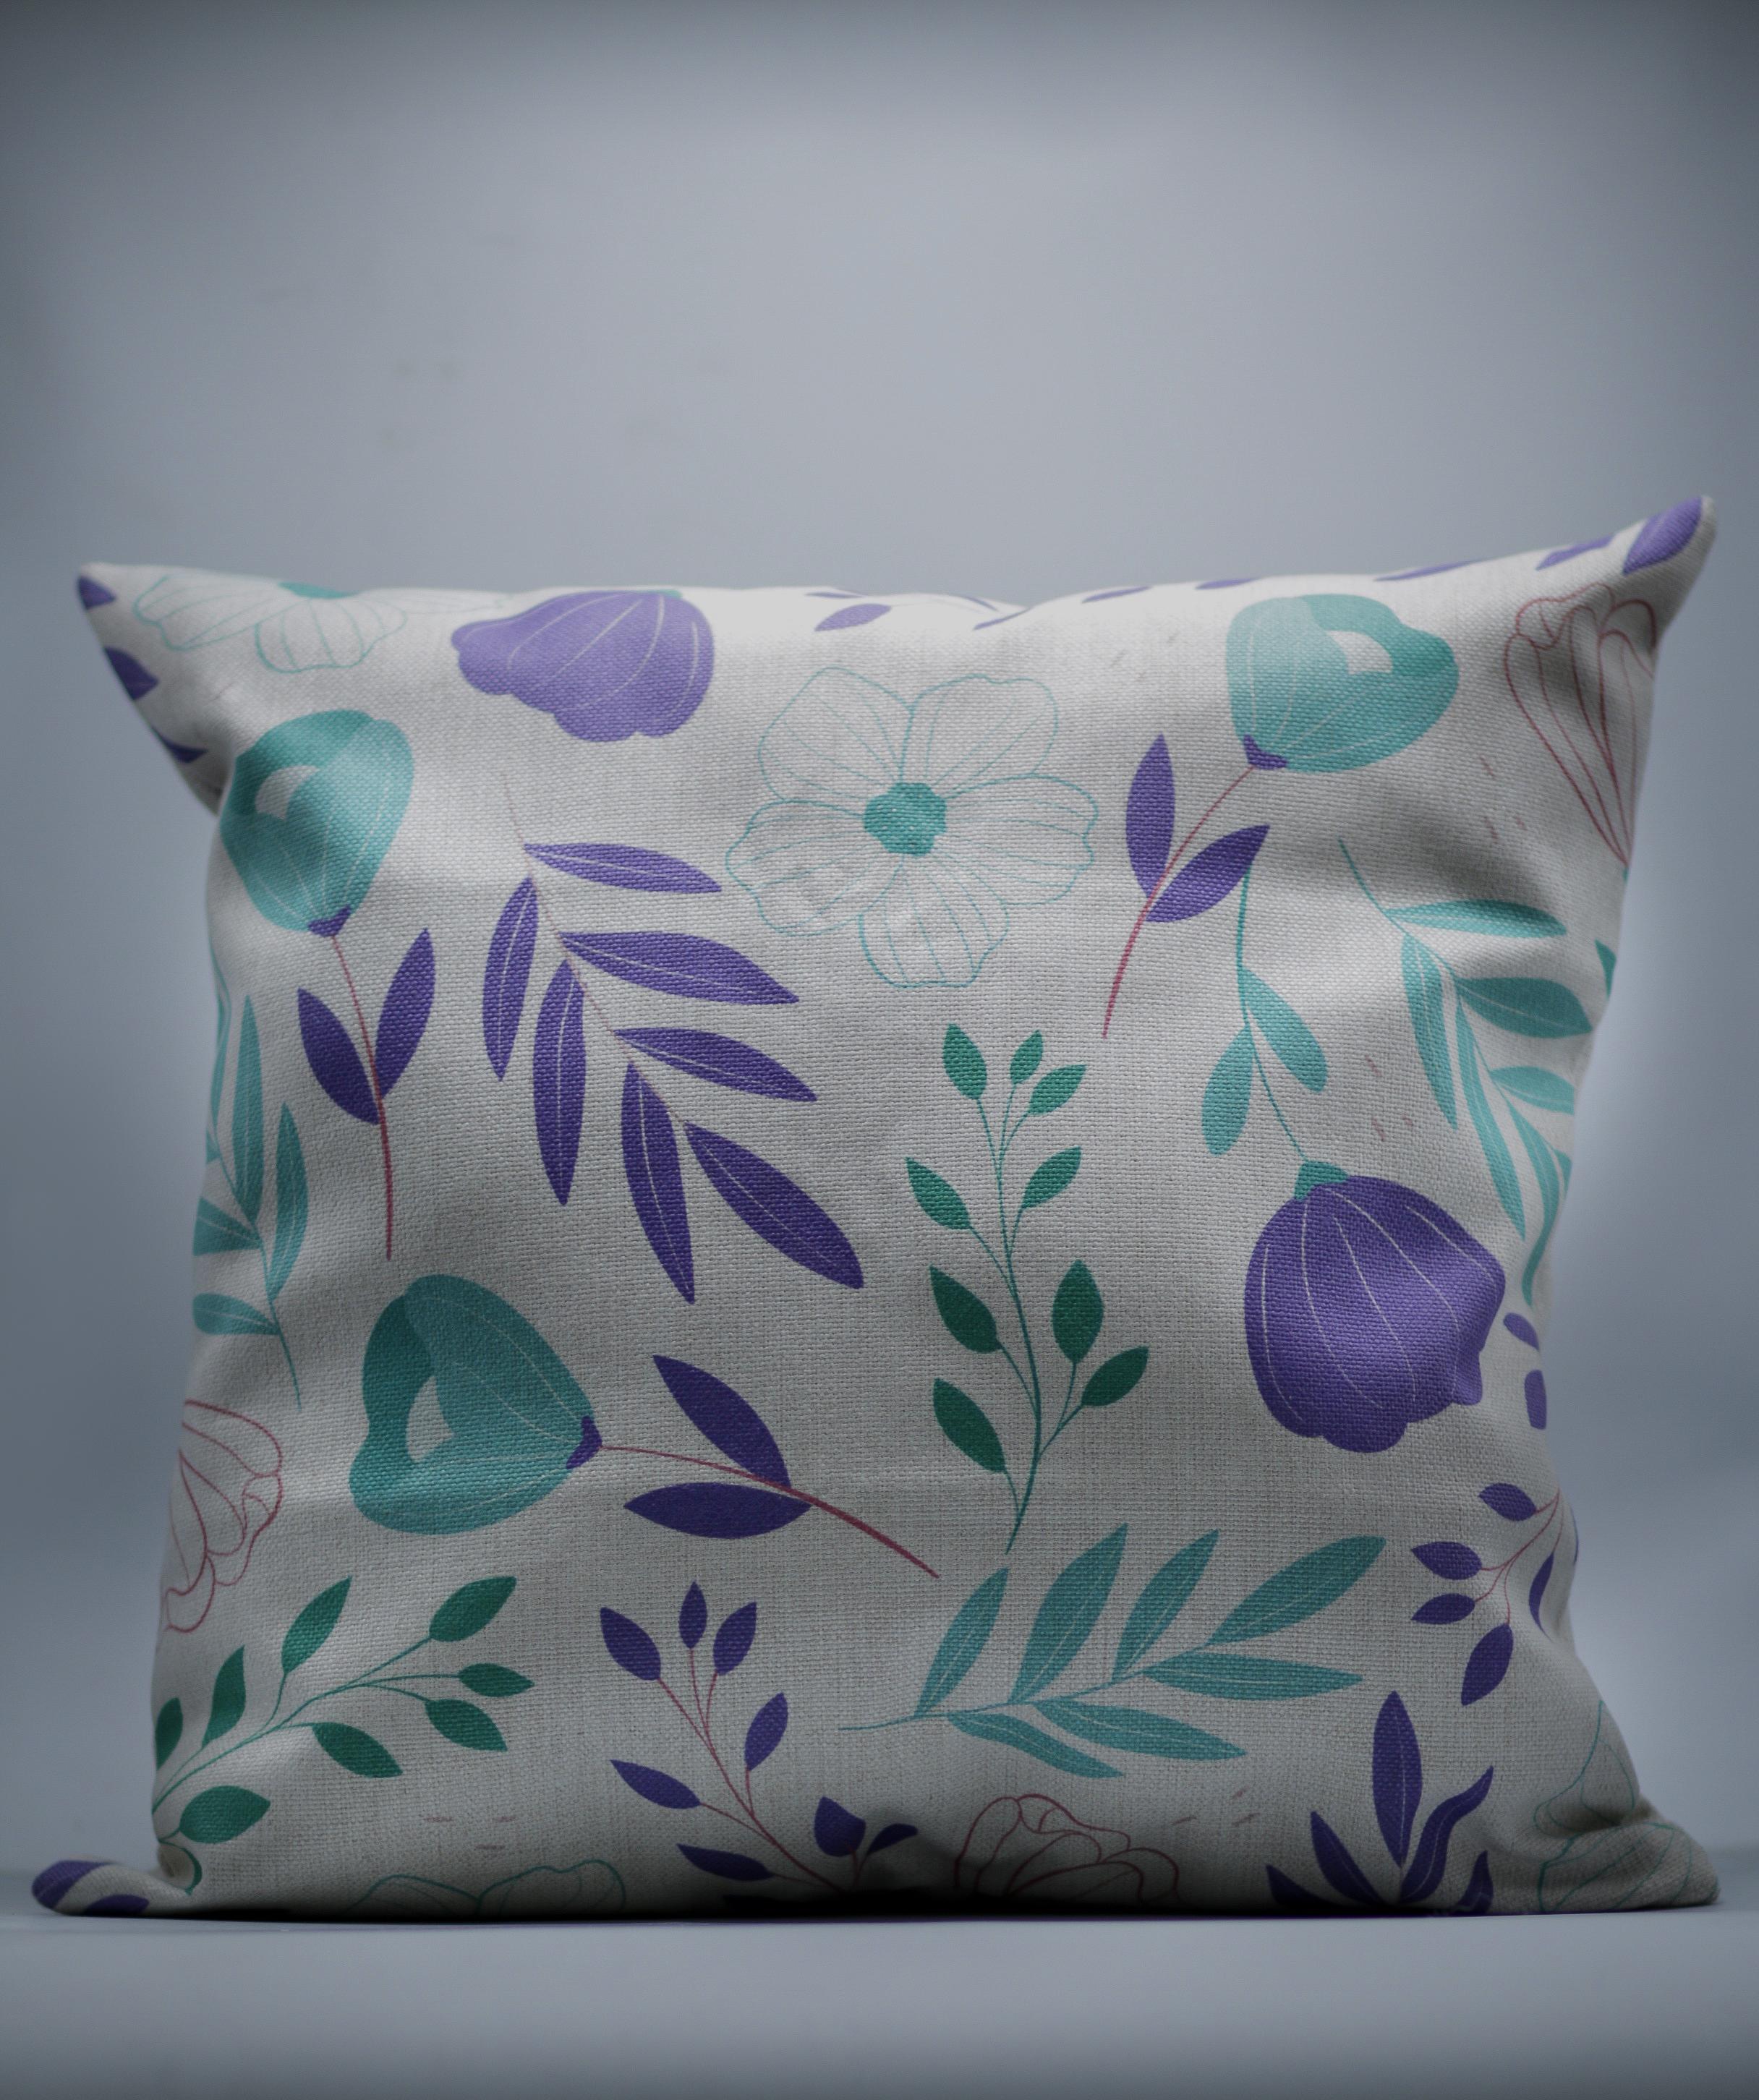 Teal Floral Decorative Throw Pillow